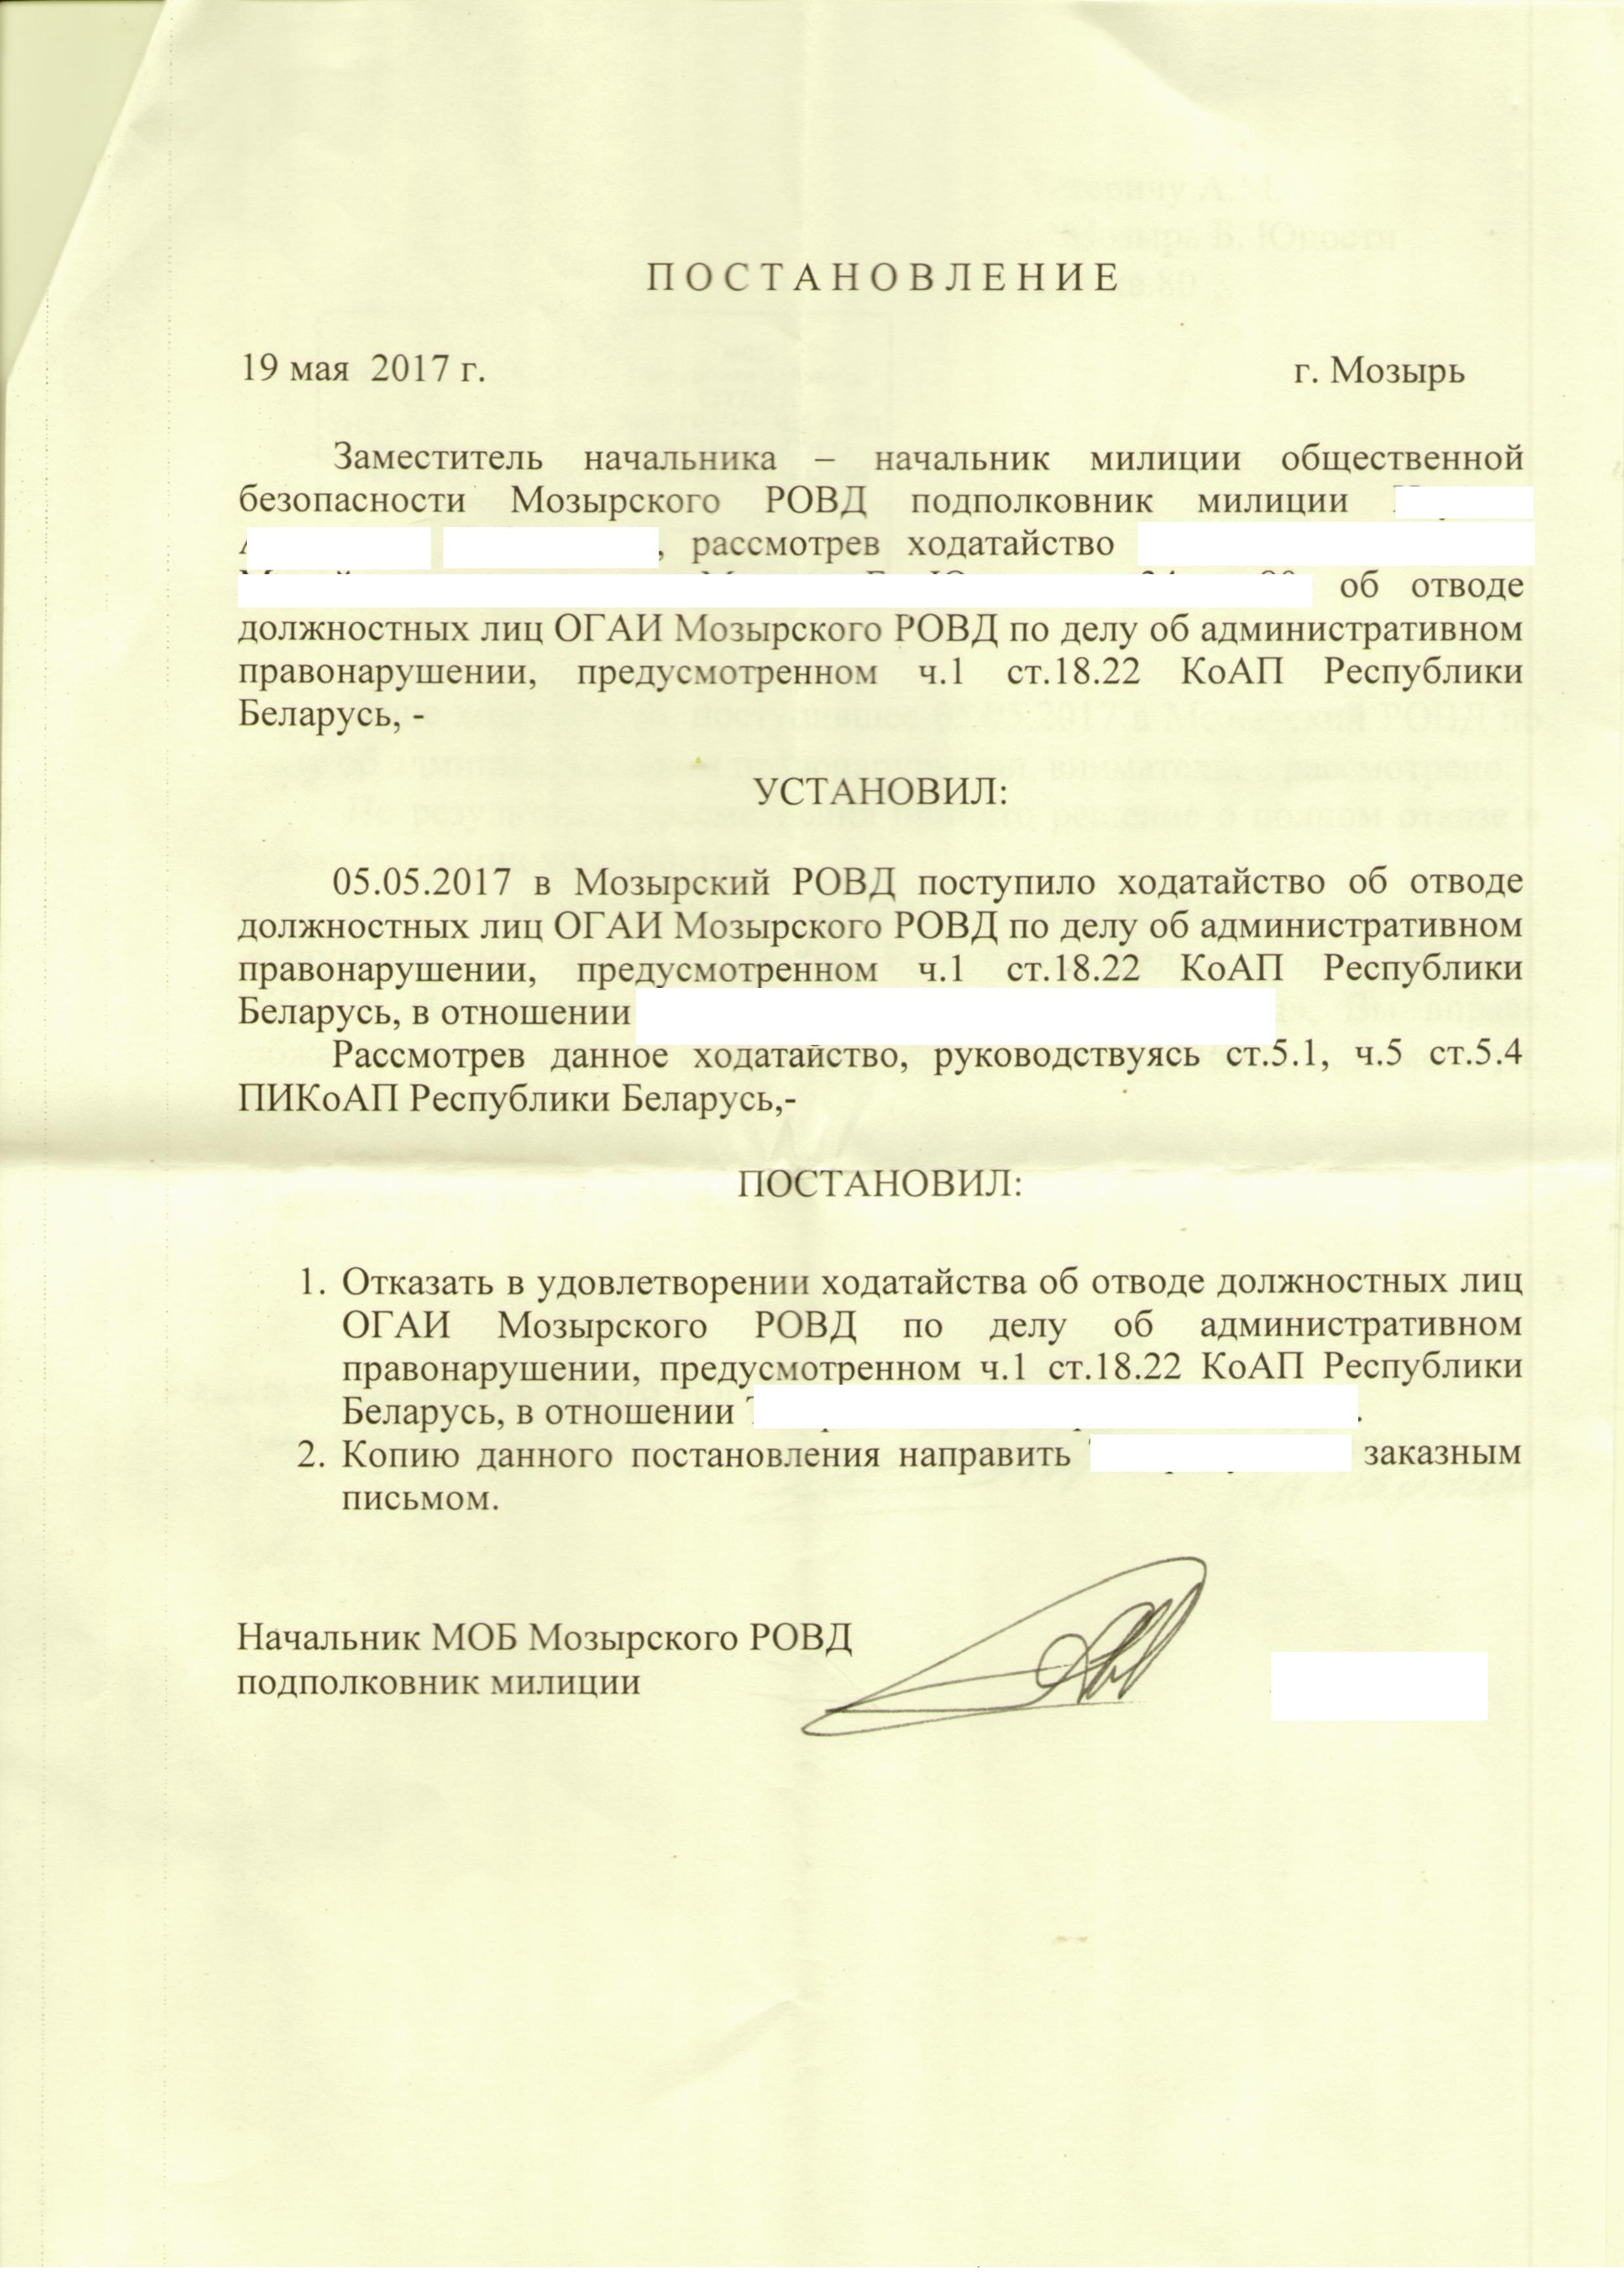 Отвод должностному лицу органа, ведущего административный процесс